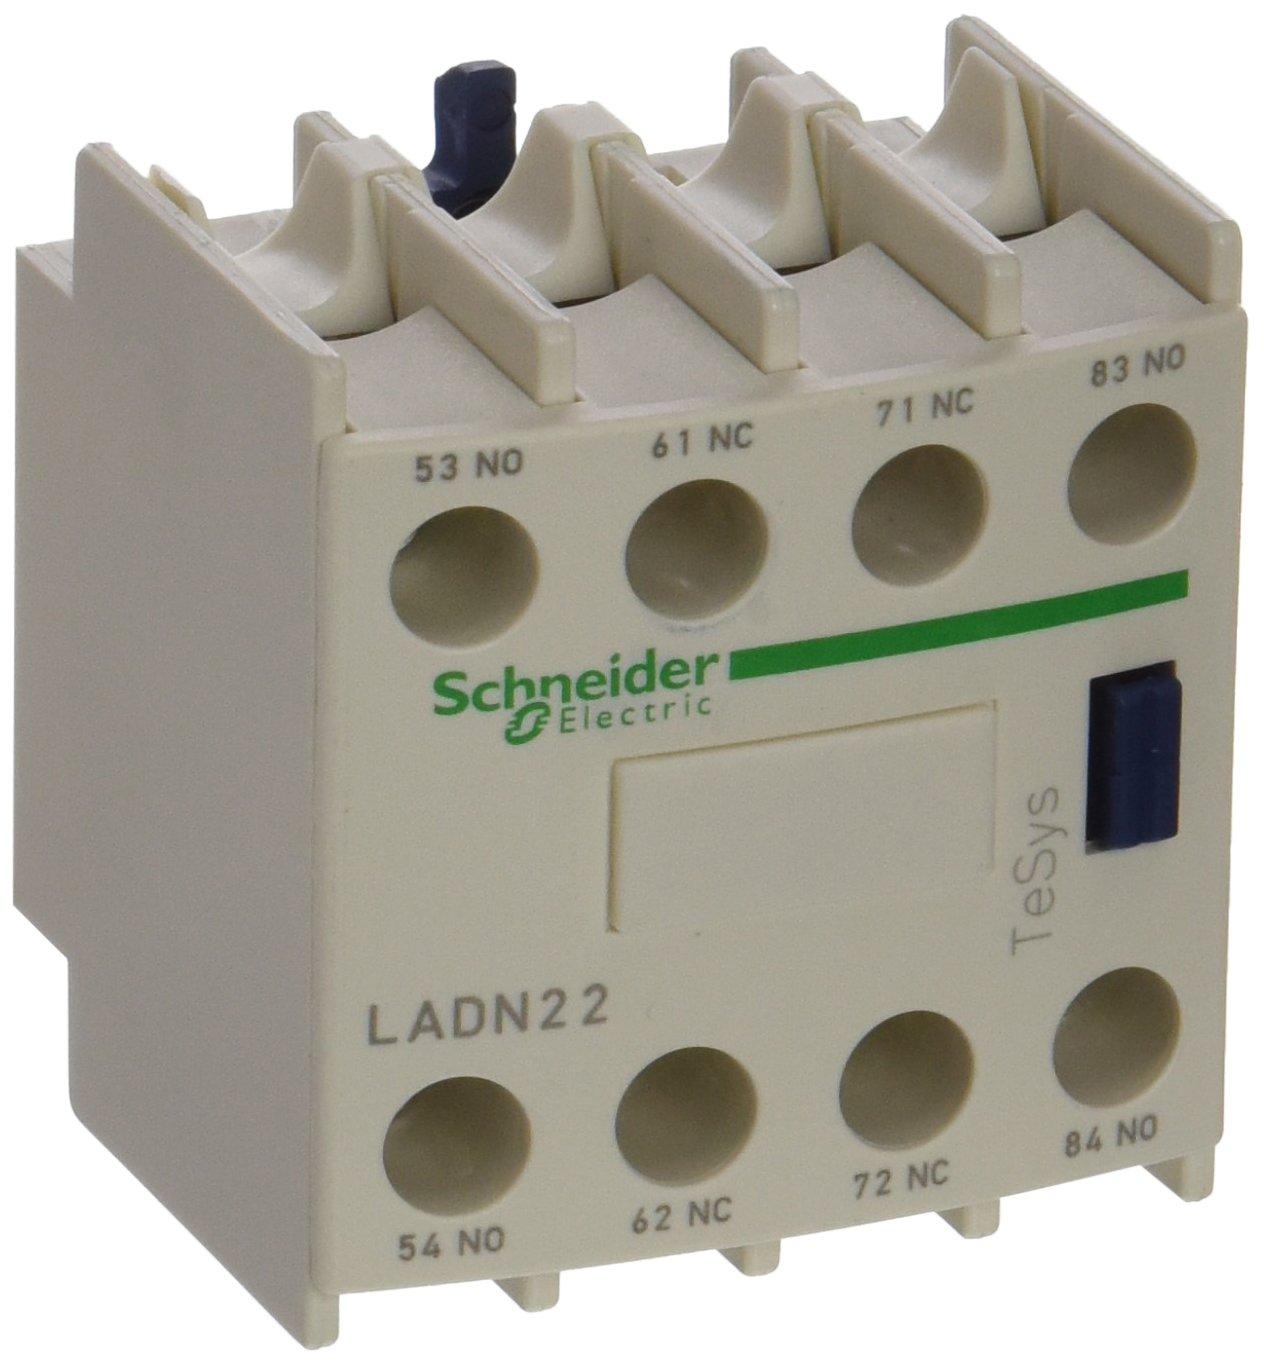 Schneider Electric LADN22 TeSys D, Bloque de contactos aux, 2 NO + 2 NC, conexió n por tornillo conexión por tornillo